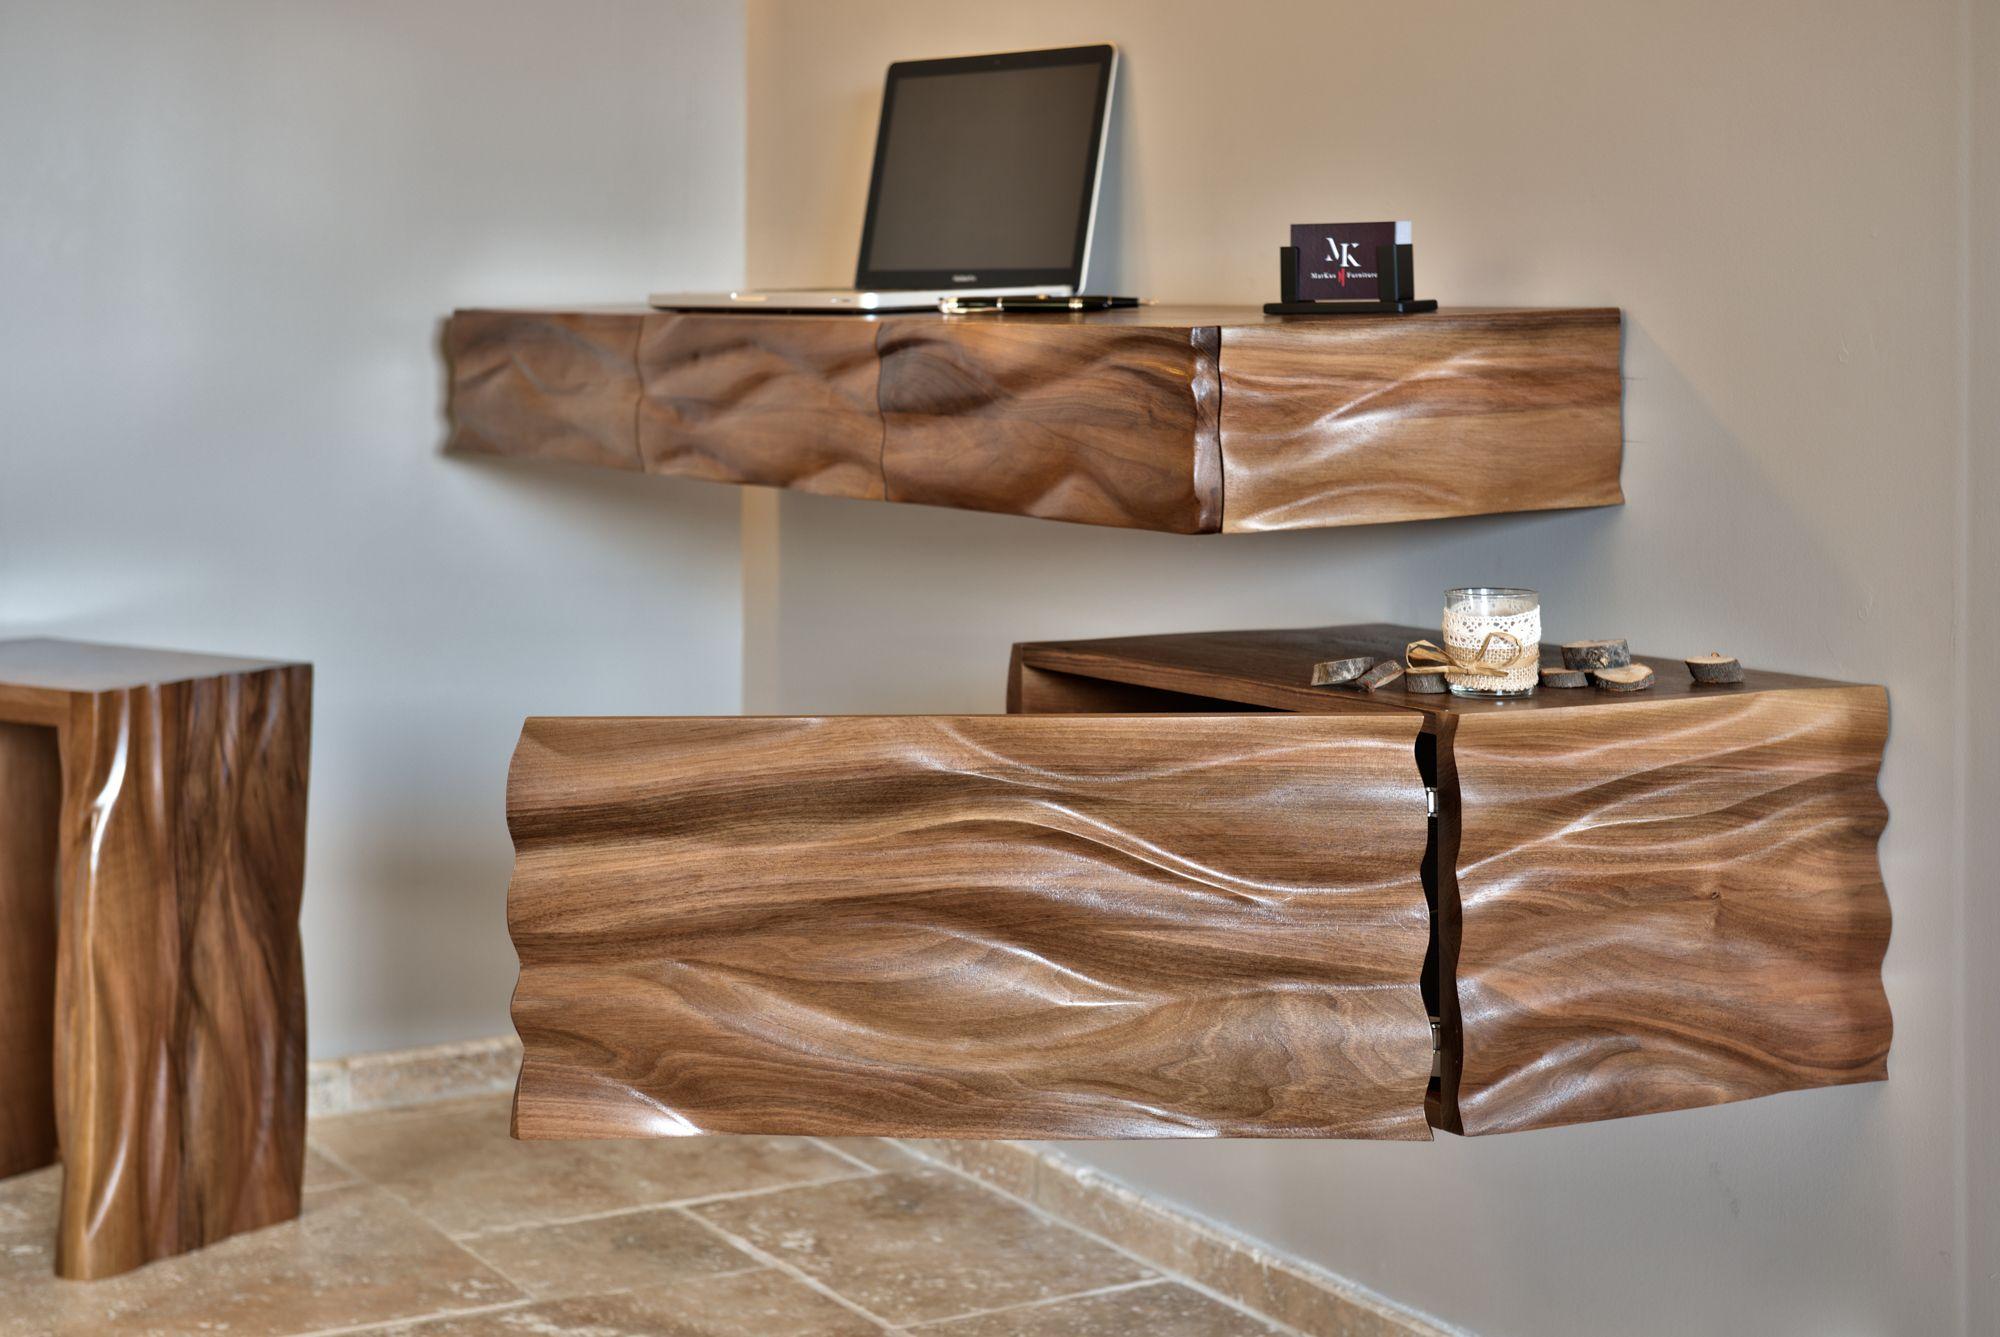 Caisson de bureau en bois de noyer massif dessiné sculpté et